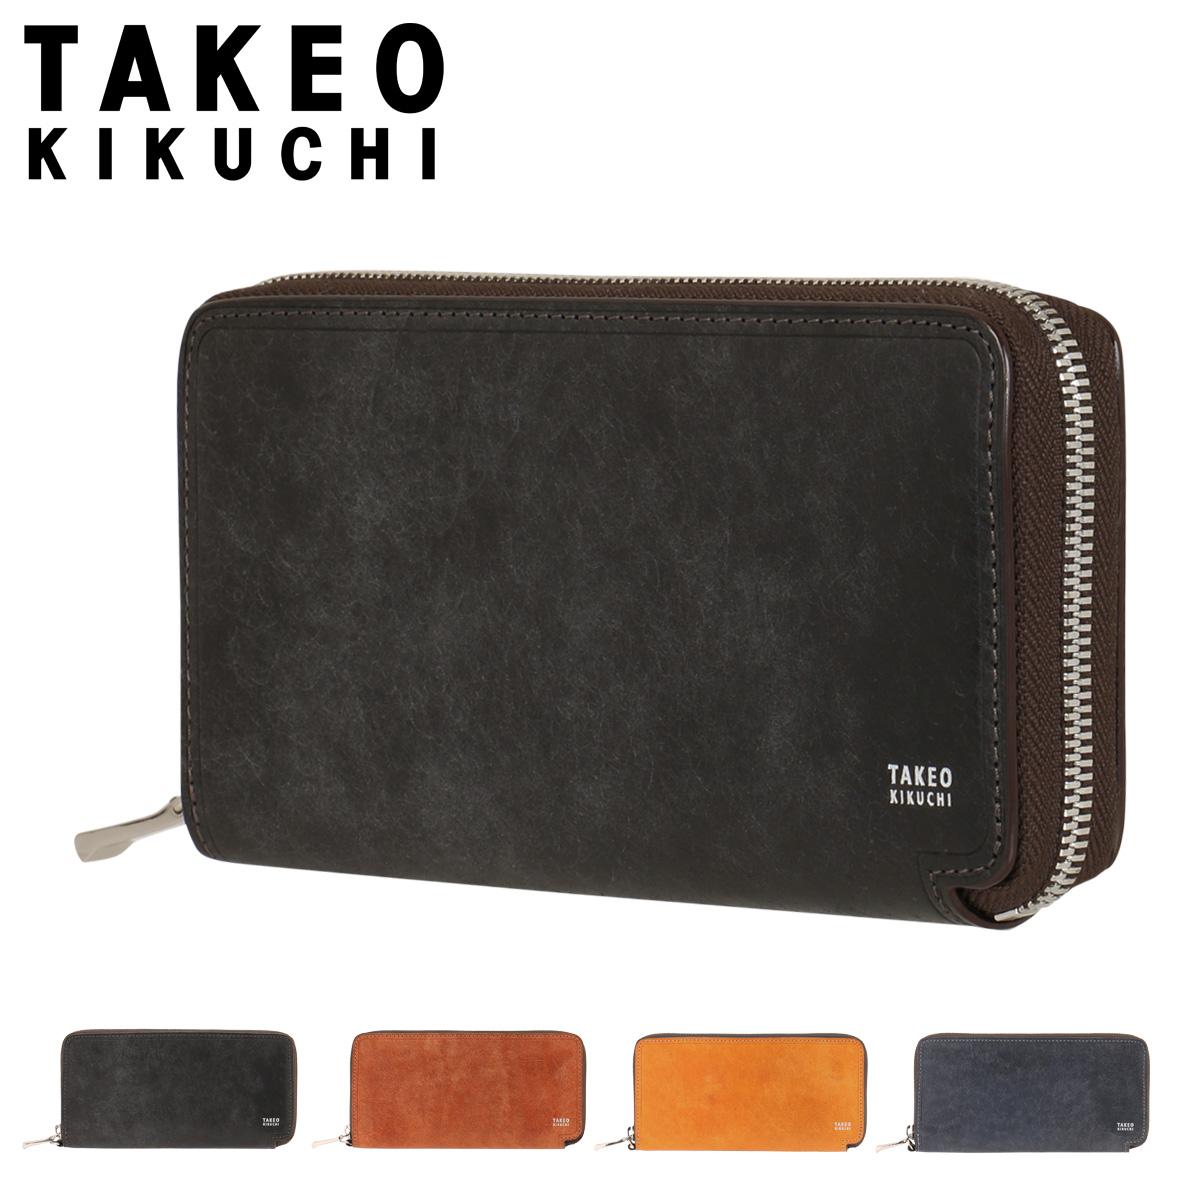 タケオキクチ 長財布 ラウンドファスナー マルゴ メンズ 780605 TAKEO KIKUCHI | 牛革 本革 レザー [PO5][bef]